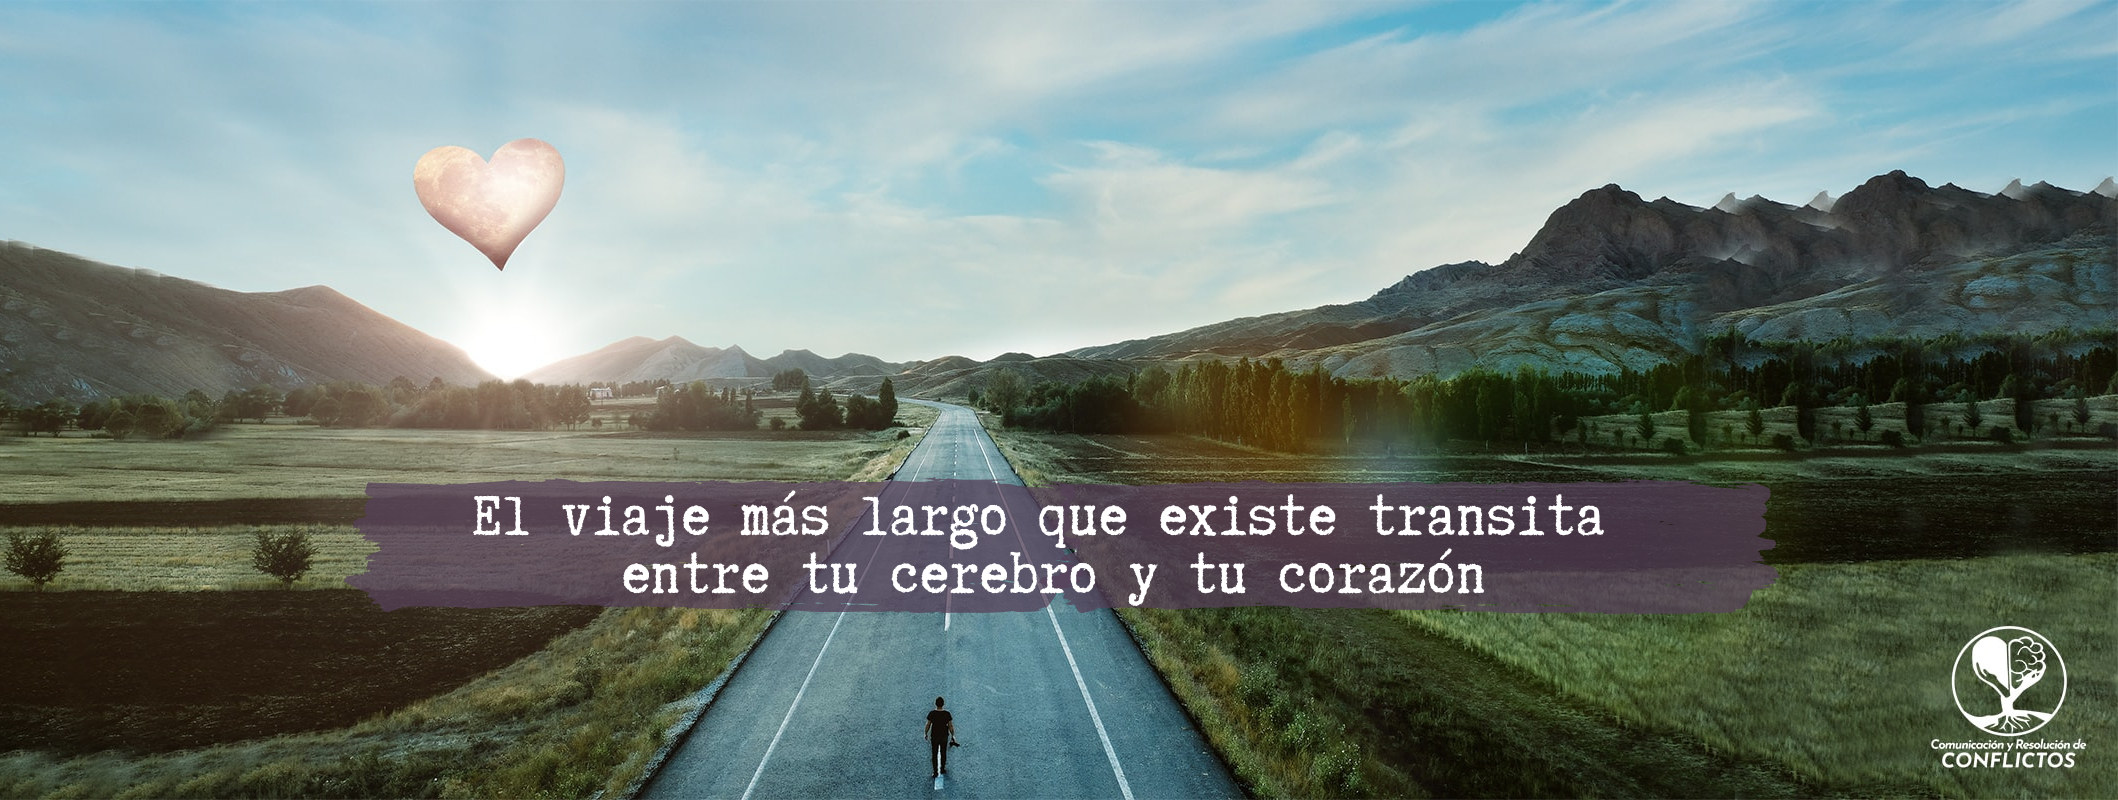 El viaje más largo es el que transita entre tu corazón y el cerebro